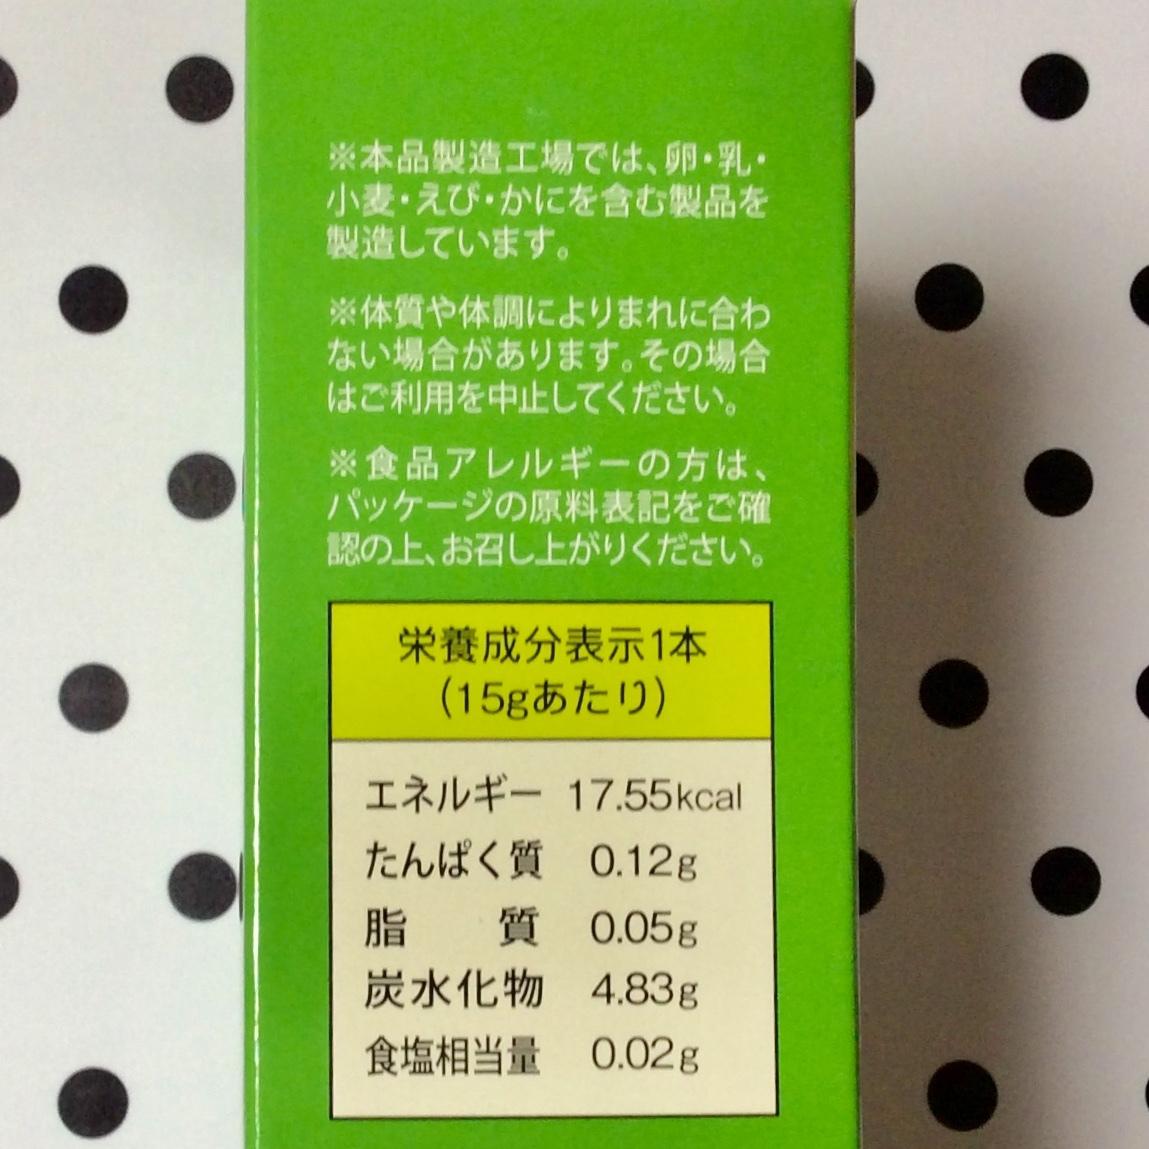 プレミアム青汁ゼリー りんご味 1箱(30包入り)プレミアム青汁ゼリー りんご味 1箱(30包入り) (4)